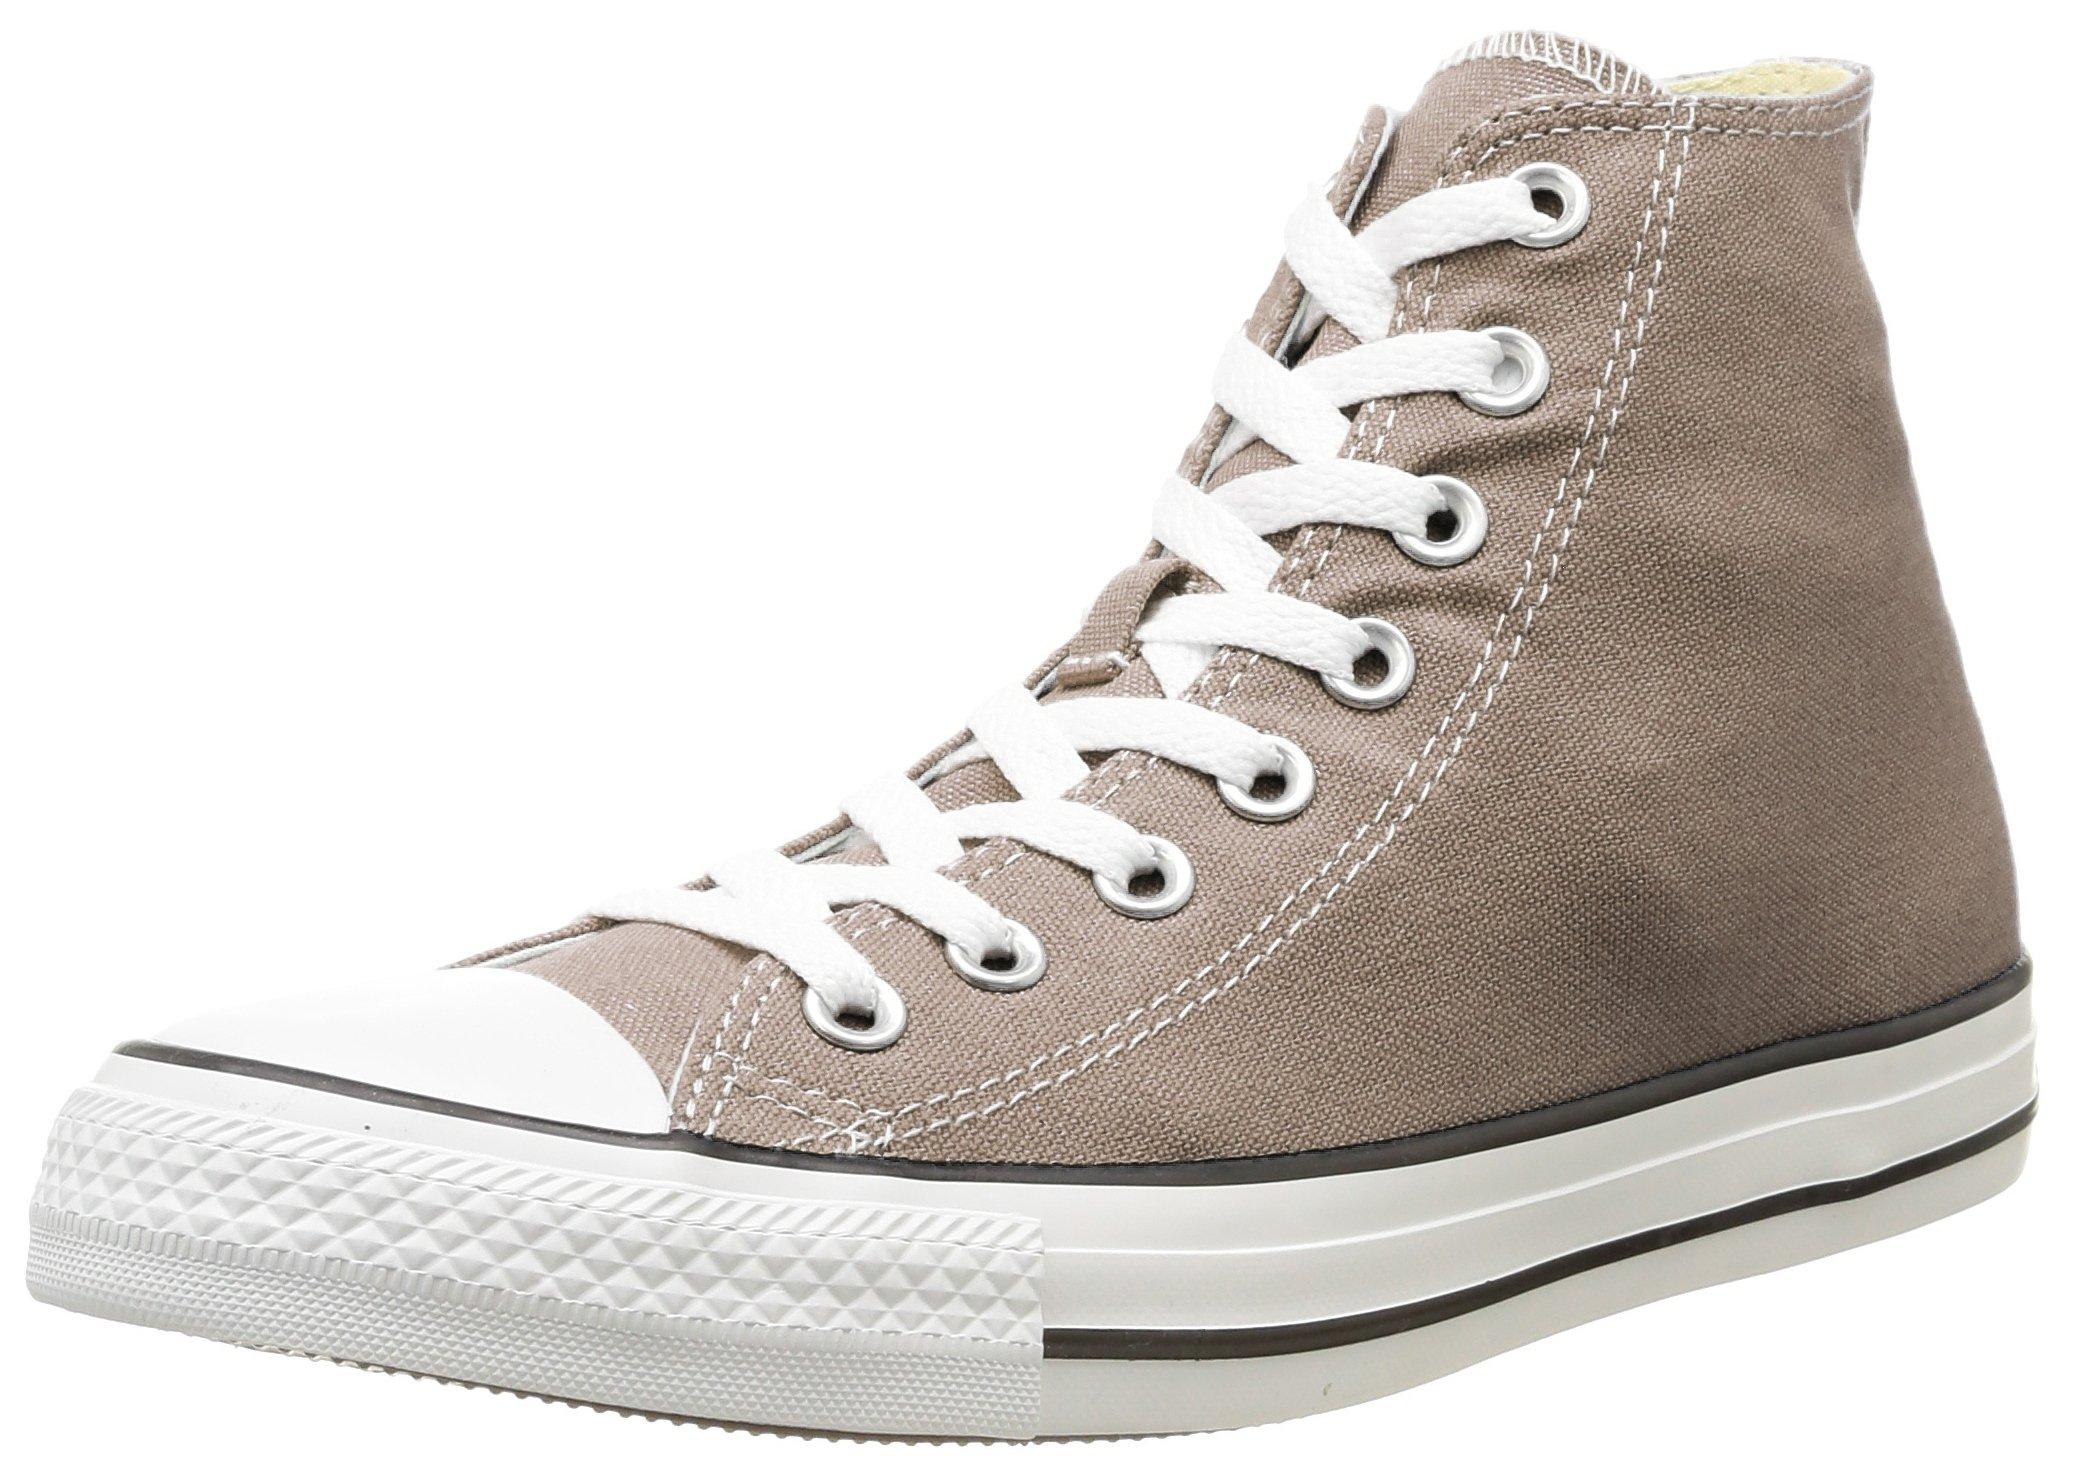 Converse Ctas Eu Hautes taupe41 Season HiSneakers Hommebeige ZuwPkTOXil